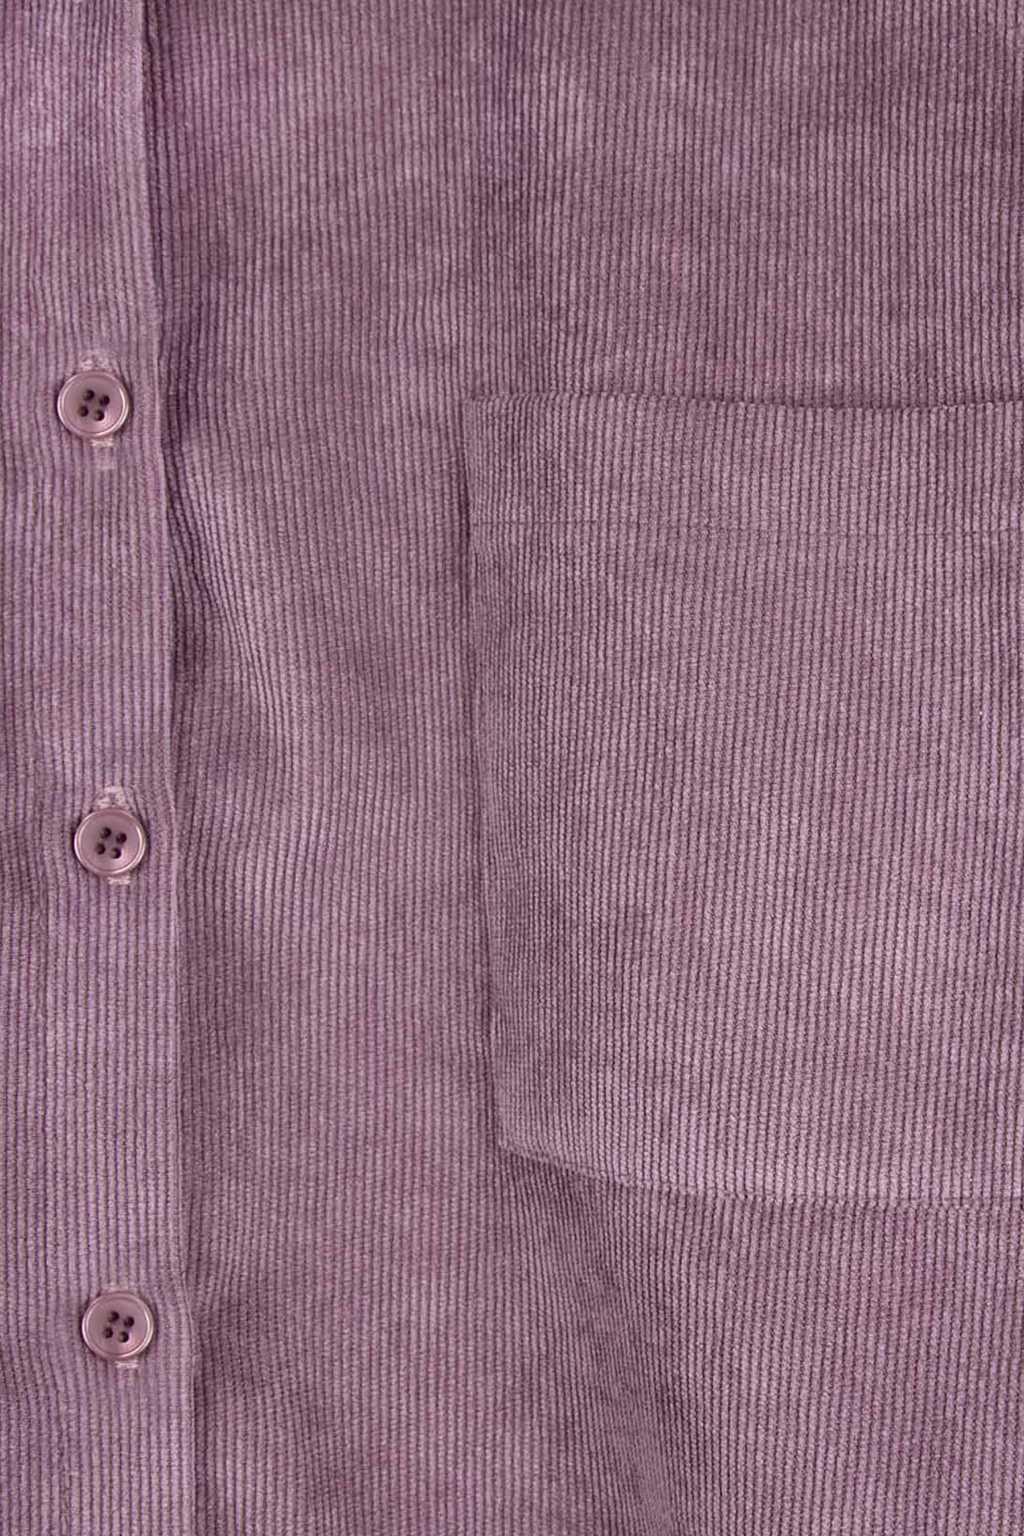 Blouse H356 Purple 8